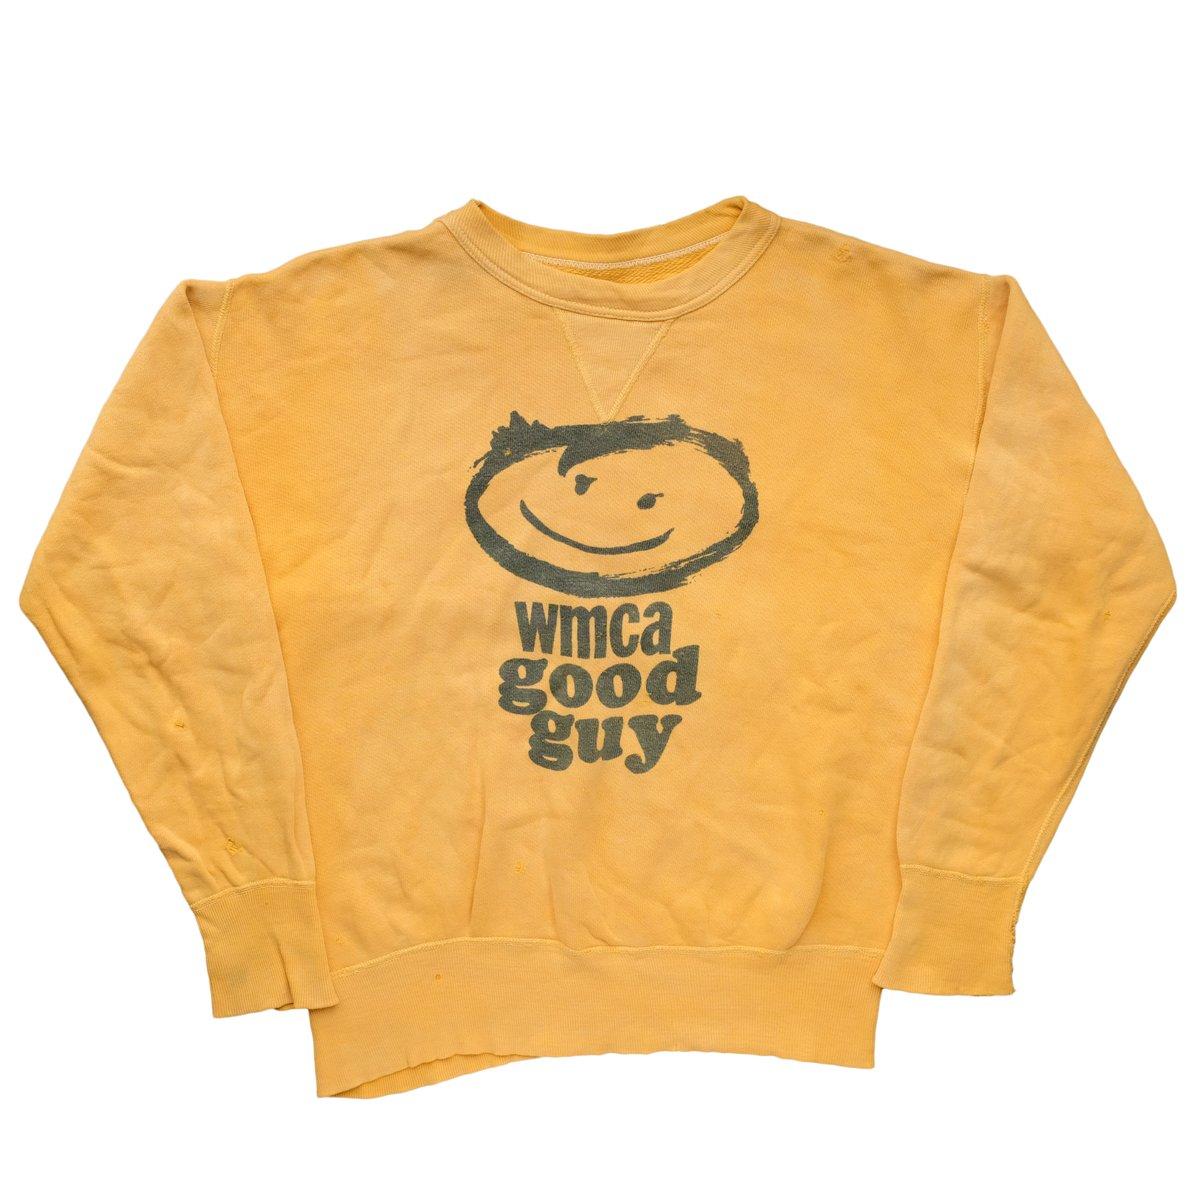 Image of Vintage 1960's WMCA Good Guy Yellow Sweatshirt